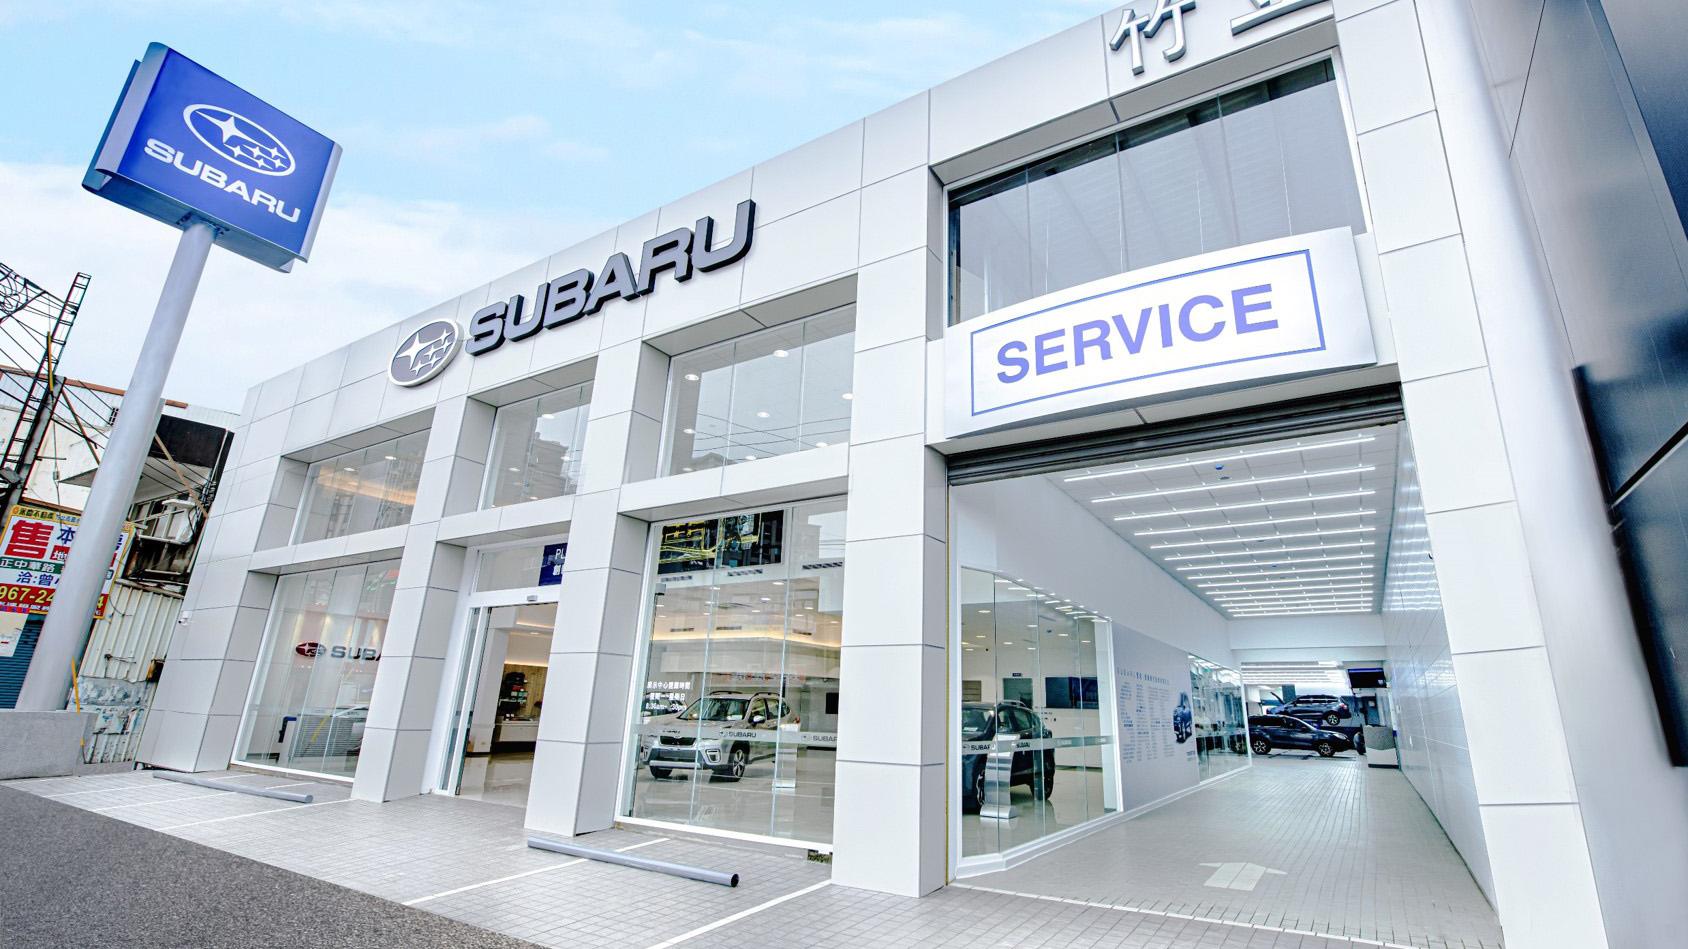 Subaru 竹北新展間正式開幕,售服能量持續增強